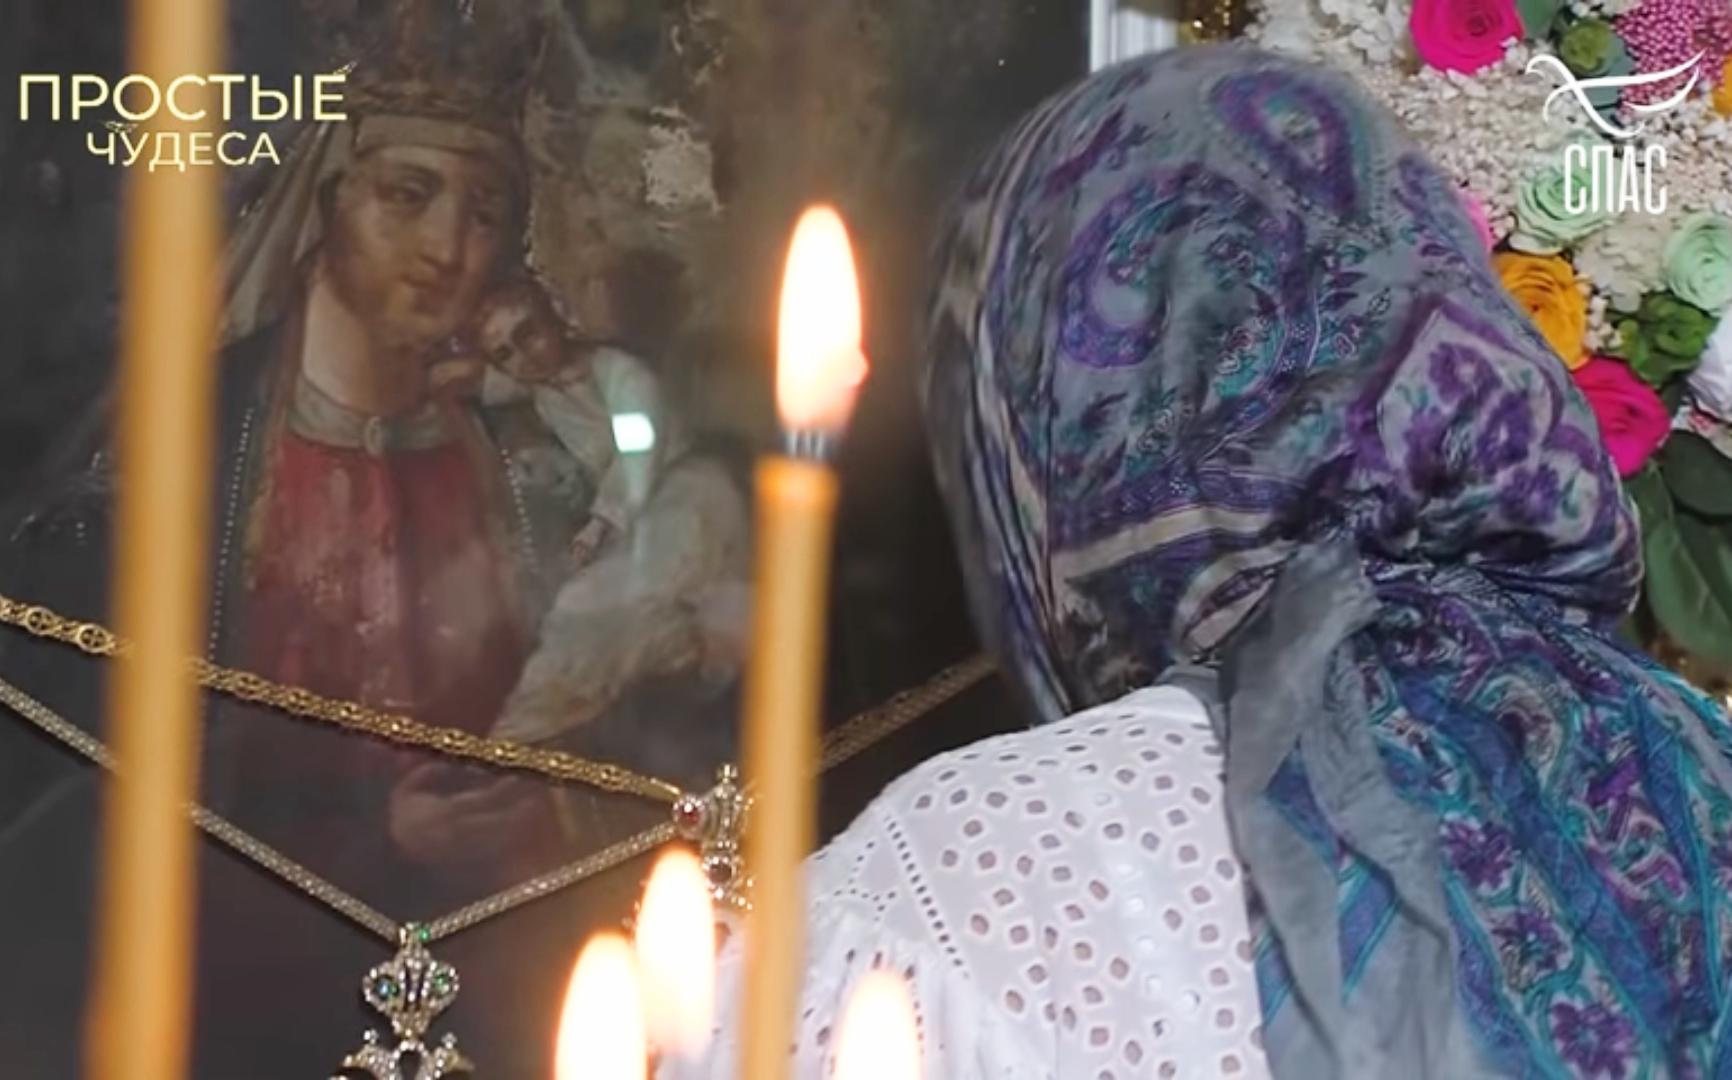 Сюжет об арзамасской иконе «Избавление от бед страждущих» вышел на телеканале «Спас»